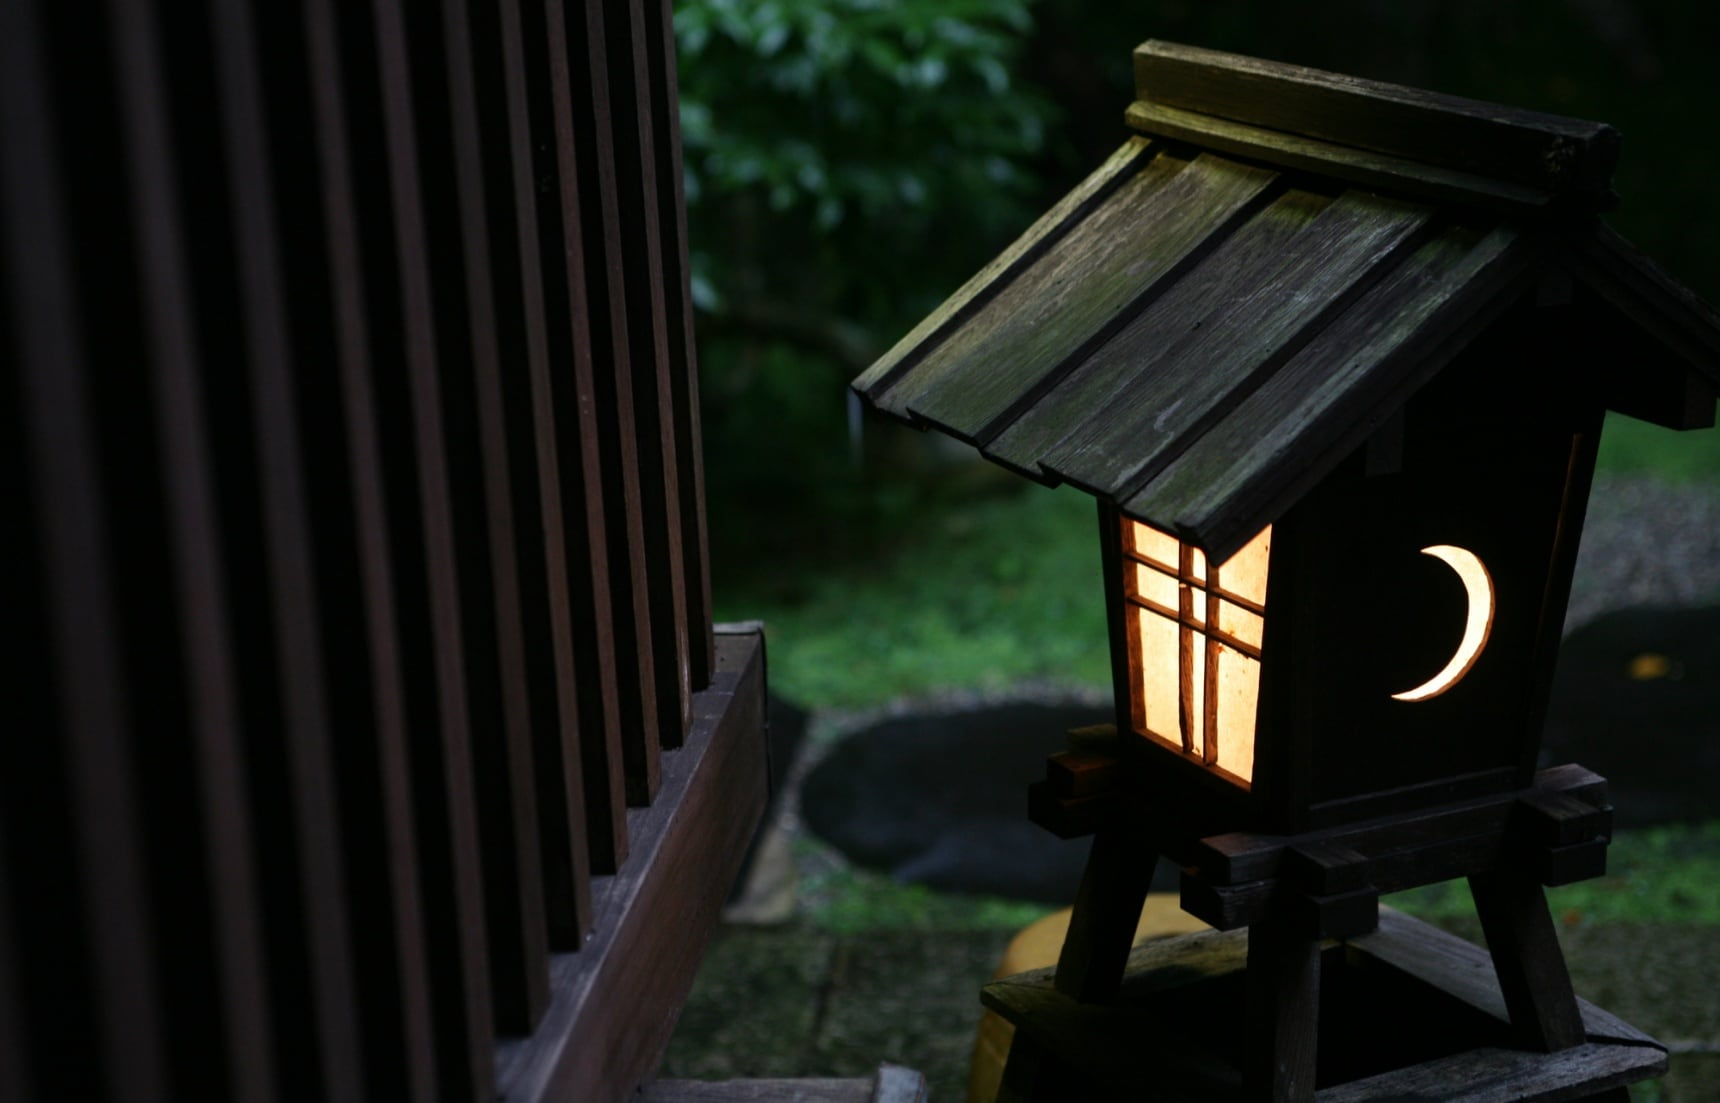 【京都住宿】大人才懂的浪漫!古都緩慢旅遊必住的10個夢幻溫泉旅宿